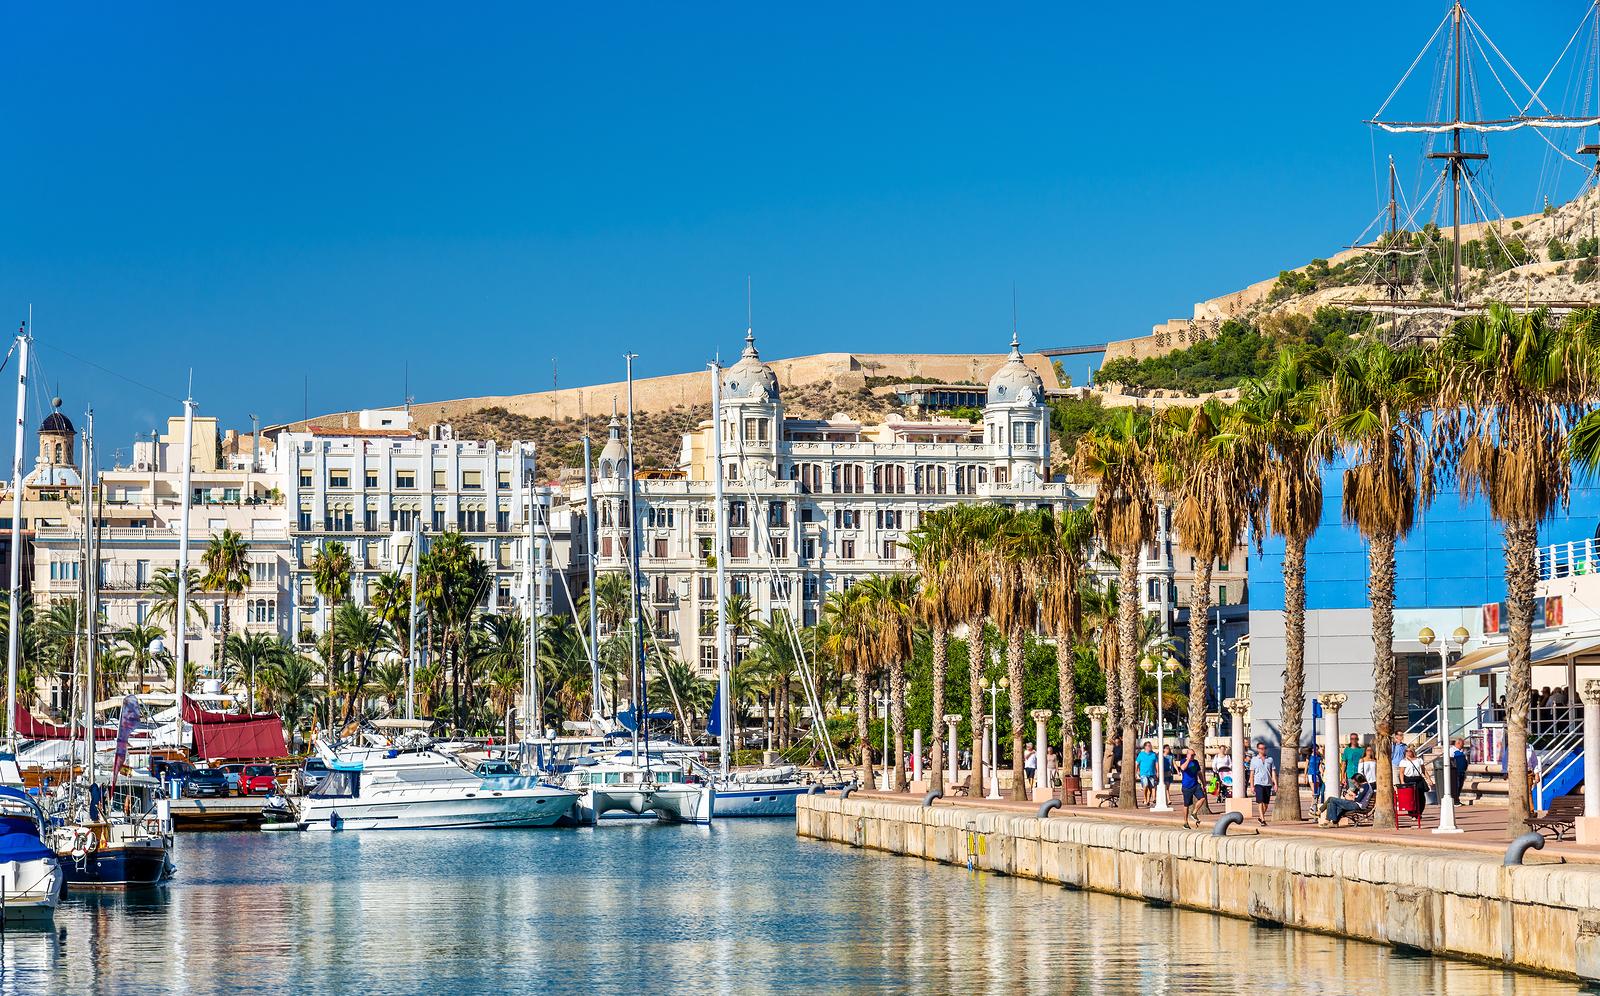 Alquiler de yates de lujo en Valencia. Barcos de lujo de alquiler en Valencia. Alquiler de superyates en Valencia